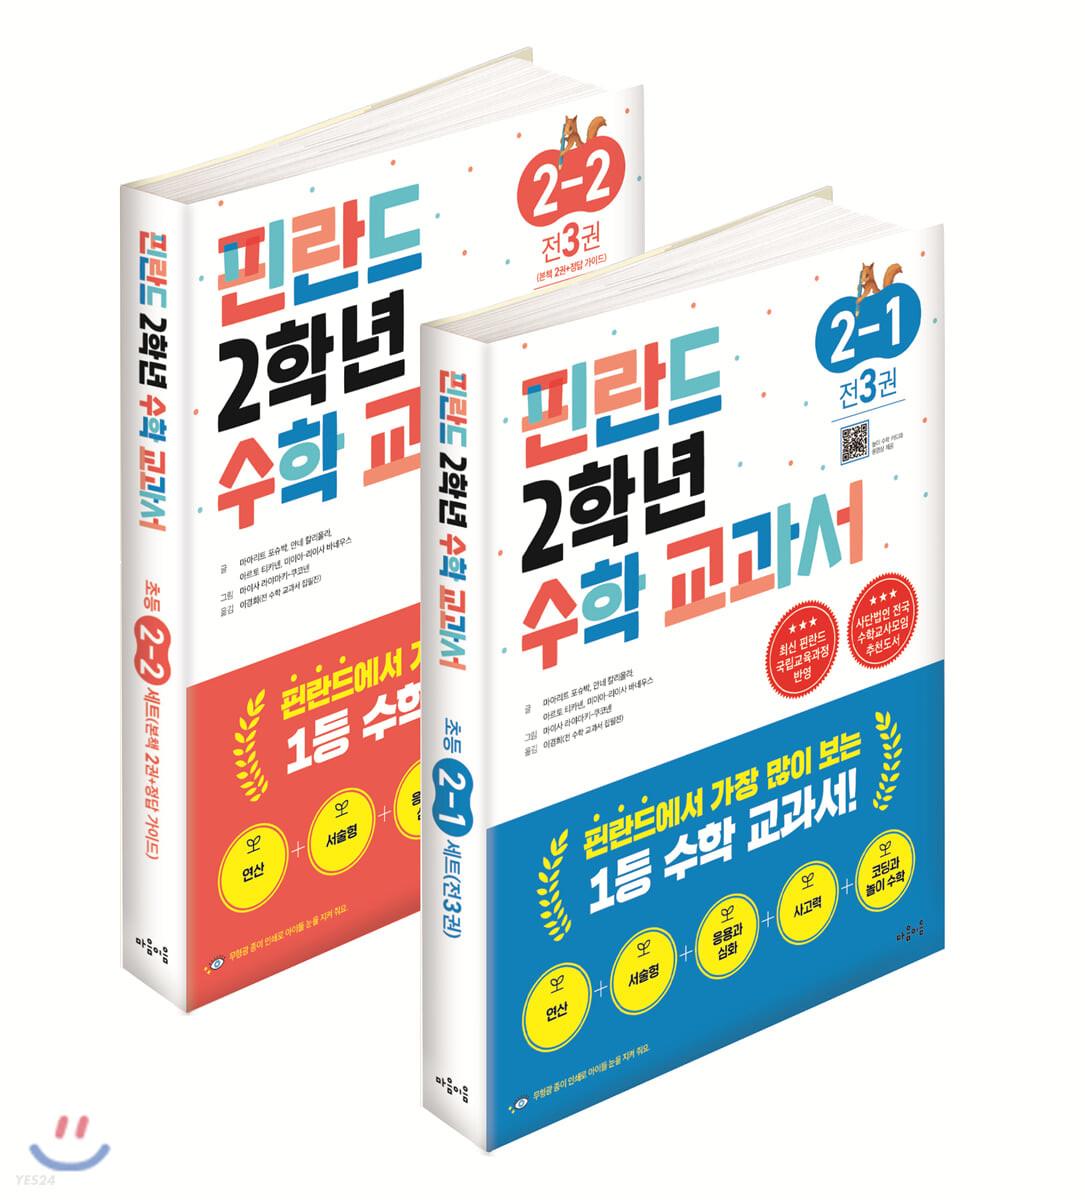 핀란드 2학년 수학 교과서 1, 2학기 세트